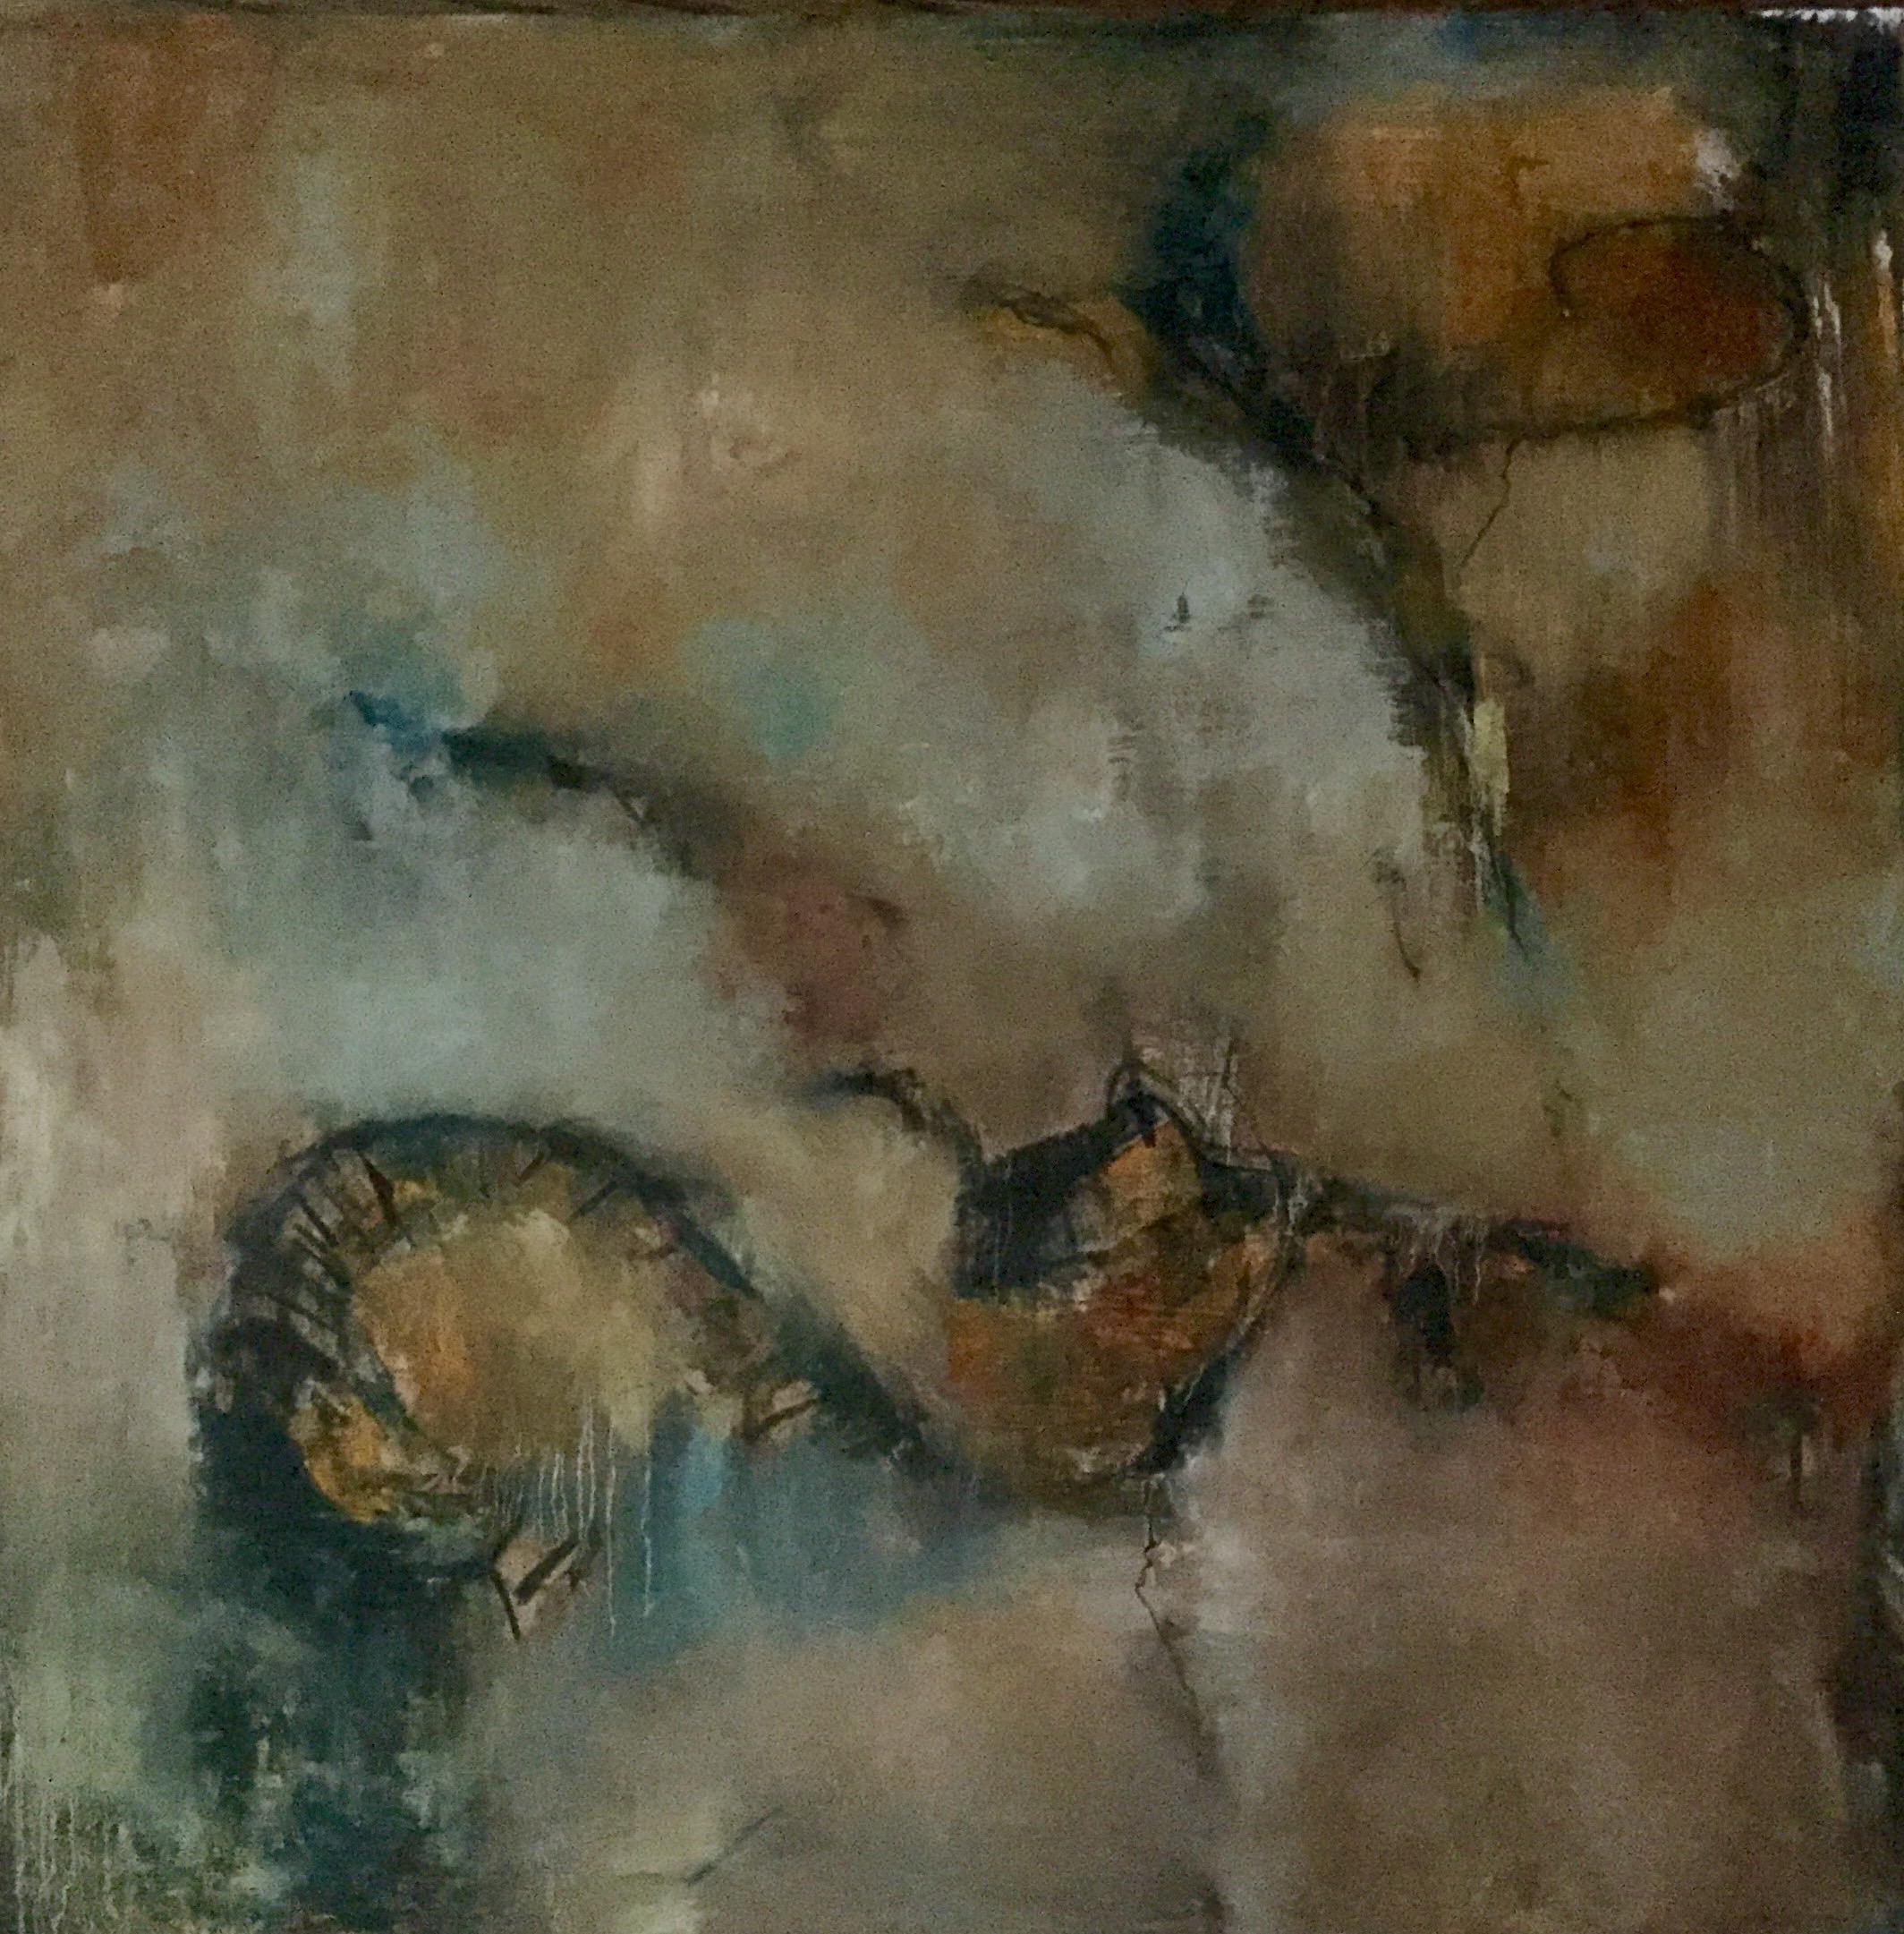 Tumultuous, Oil on Board, 24x24